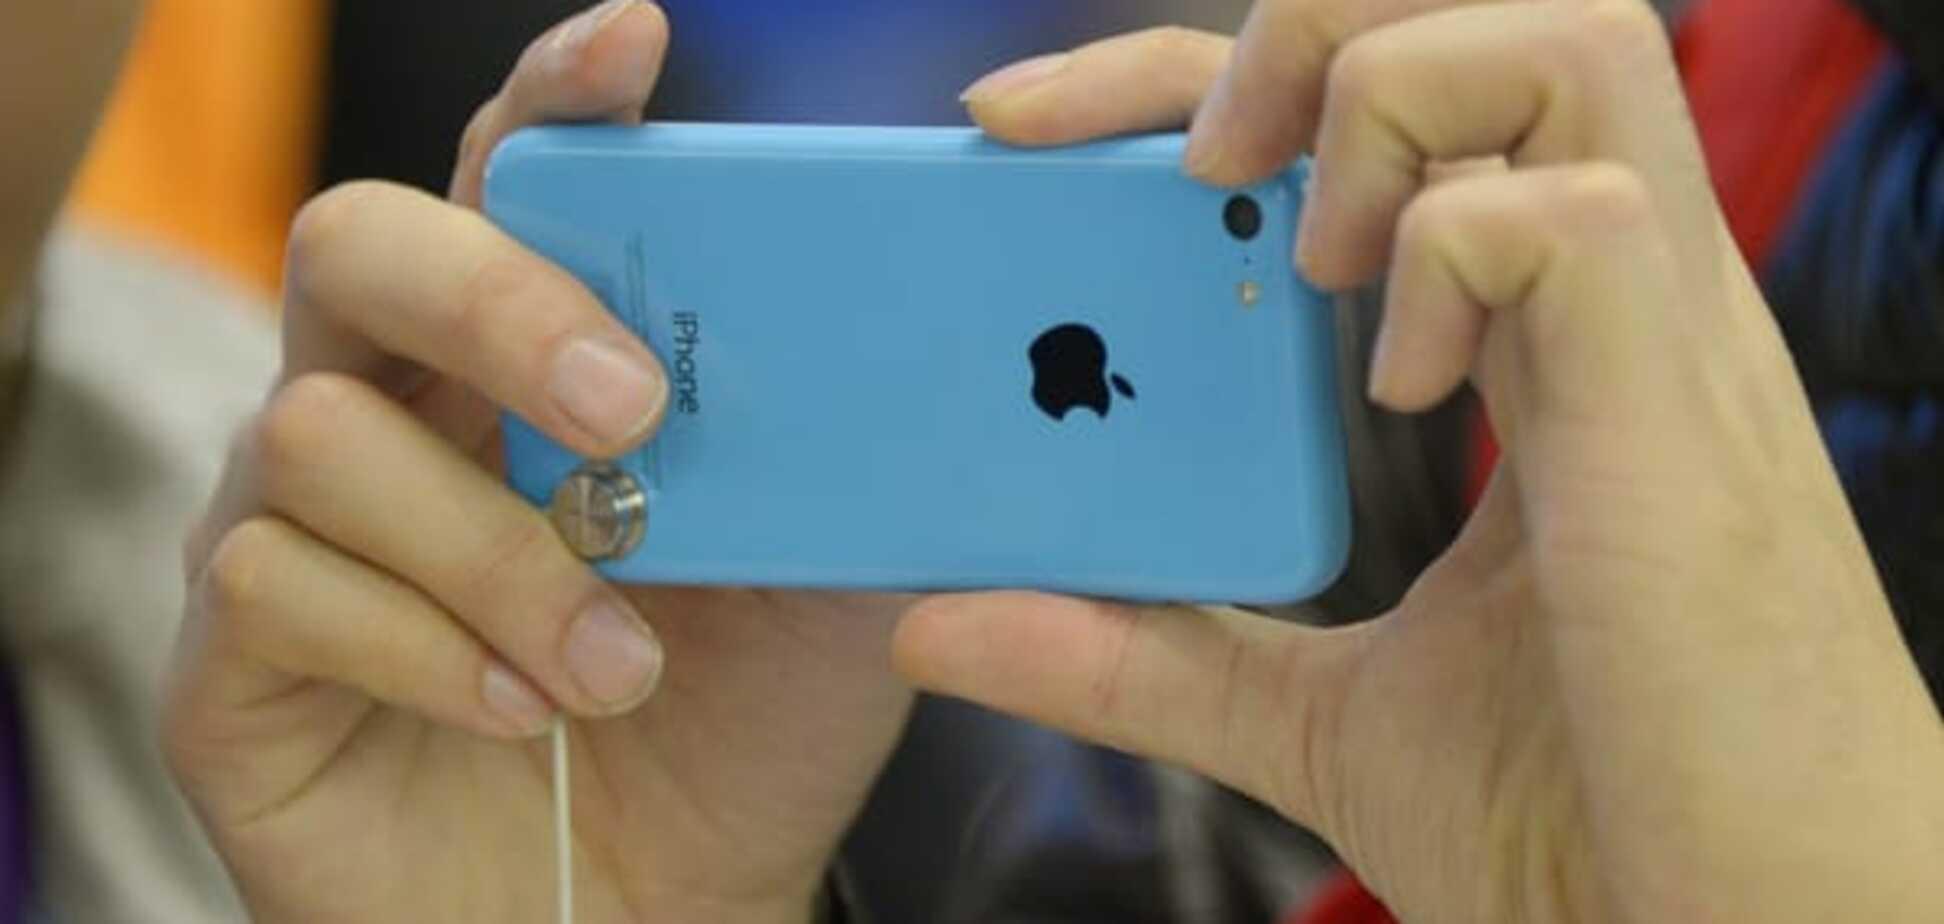 ЗМІ повідомили дату виходу і ціну кольорового iPhone 6C